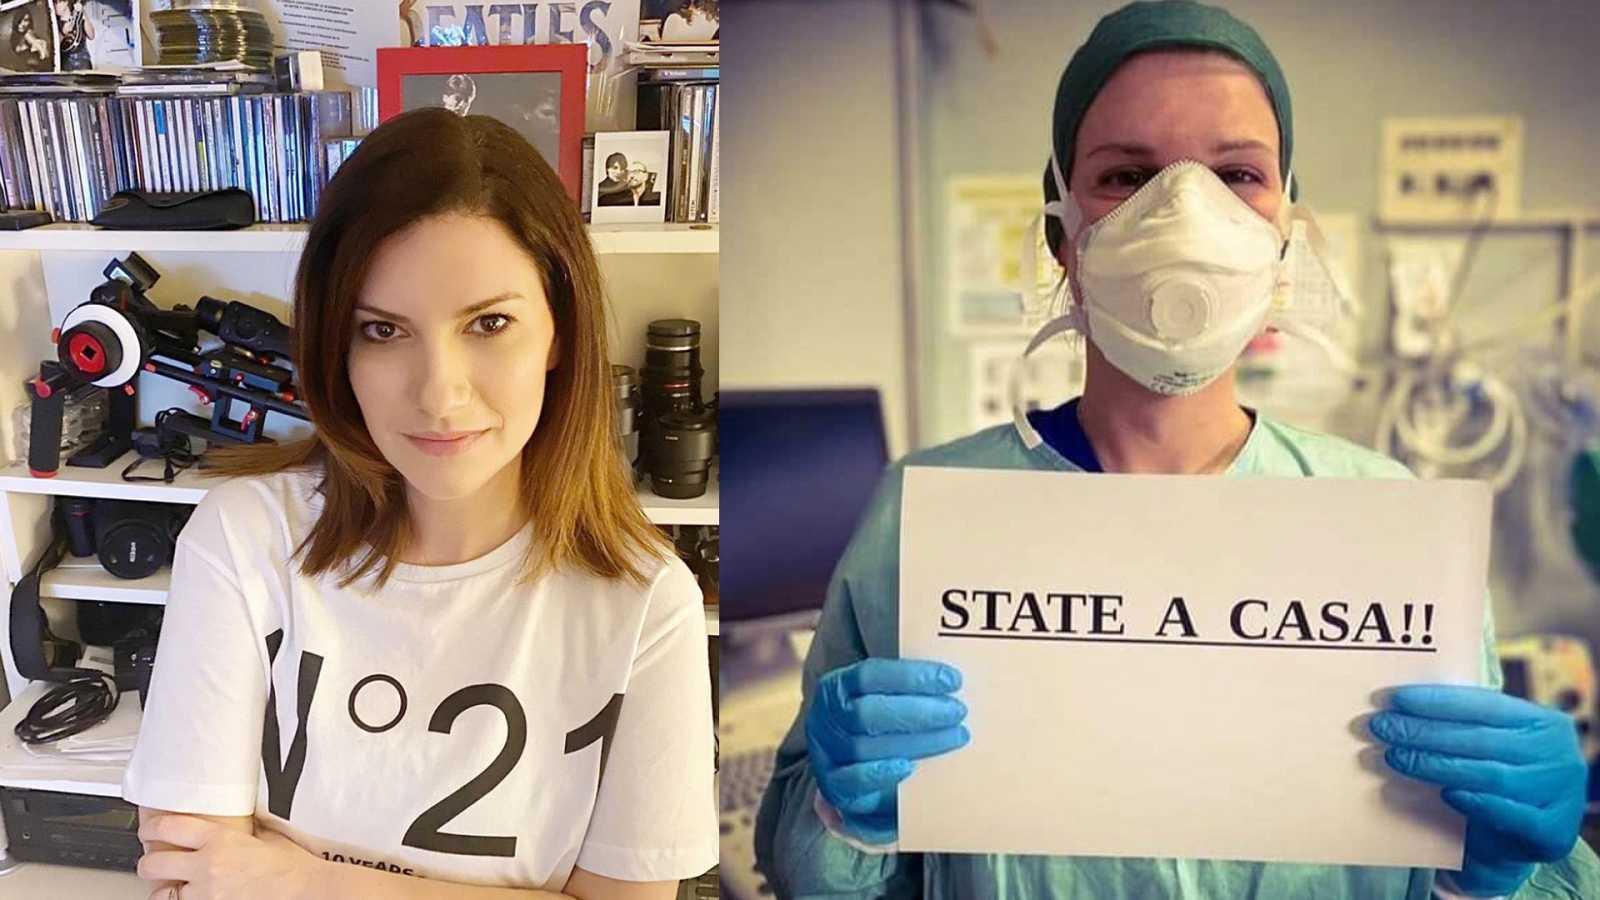 Laura Pausini y una sanitaria italiana (que se  ha hecho viral en esta imagen) piden que los italianos se queden en casa para evitar la expansión del coronavirus